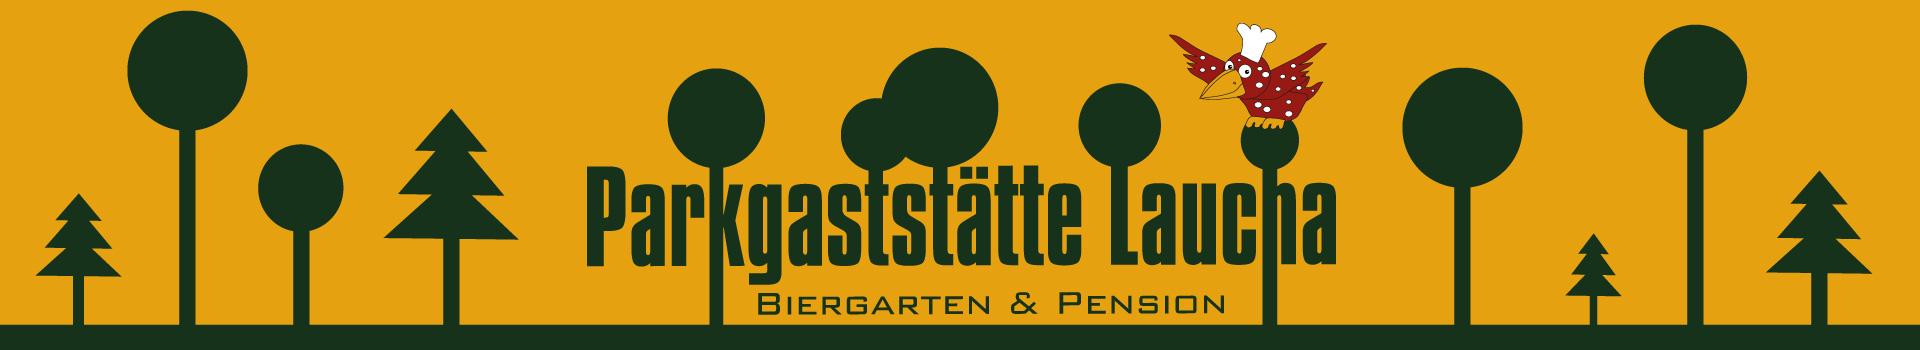 Parkgaststätte Laucha Logo